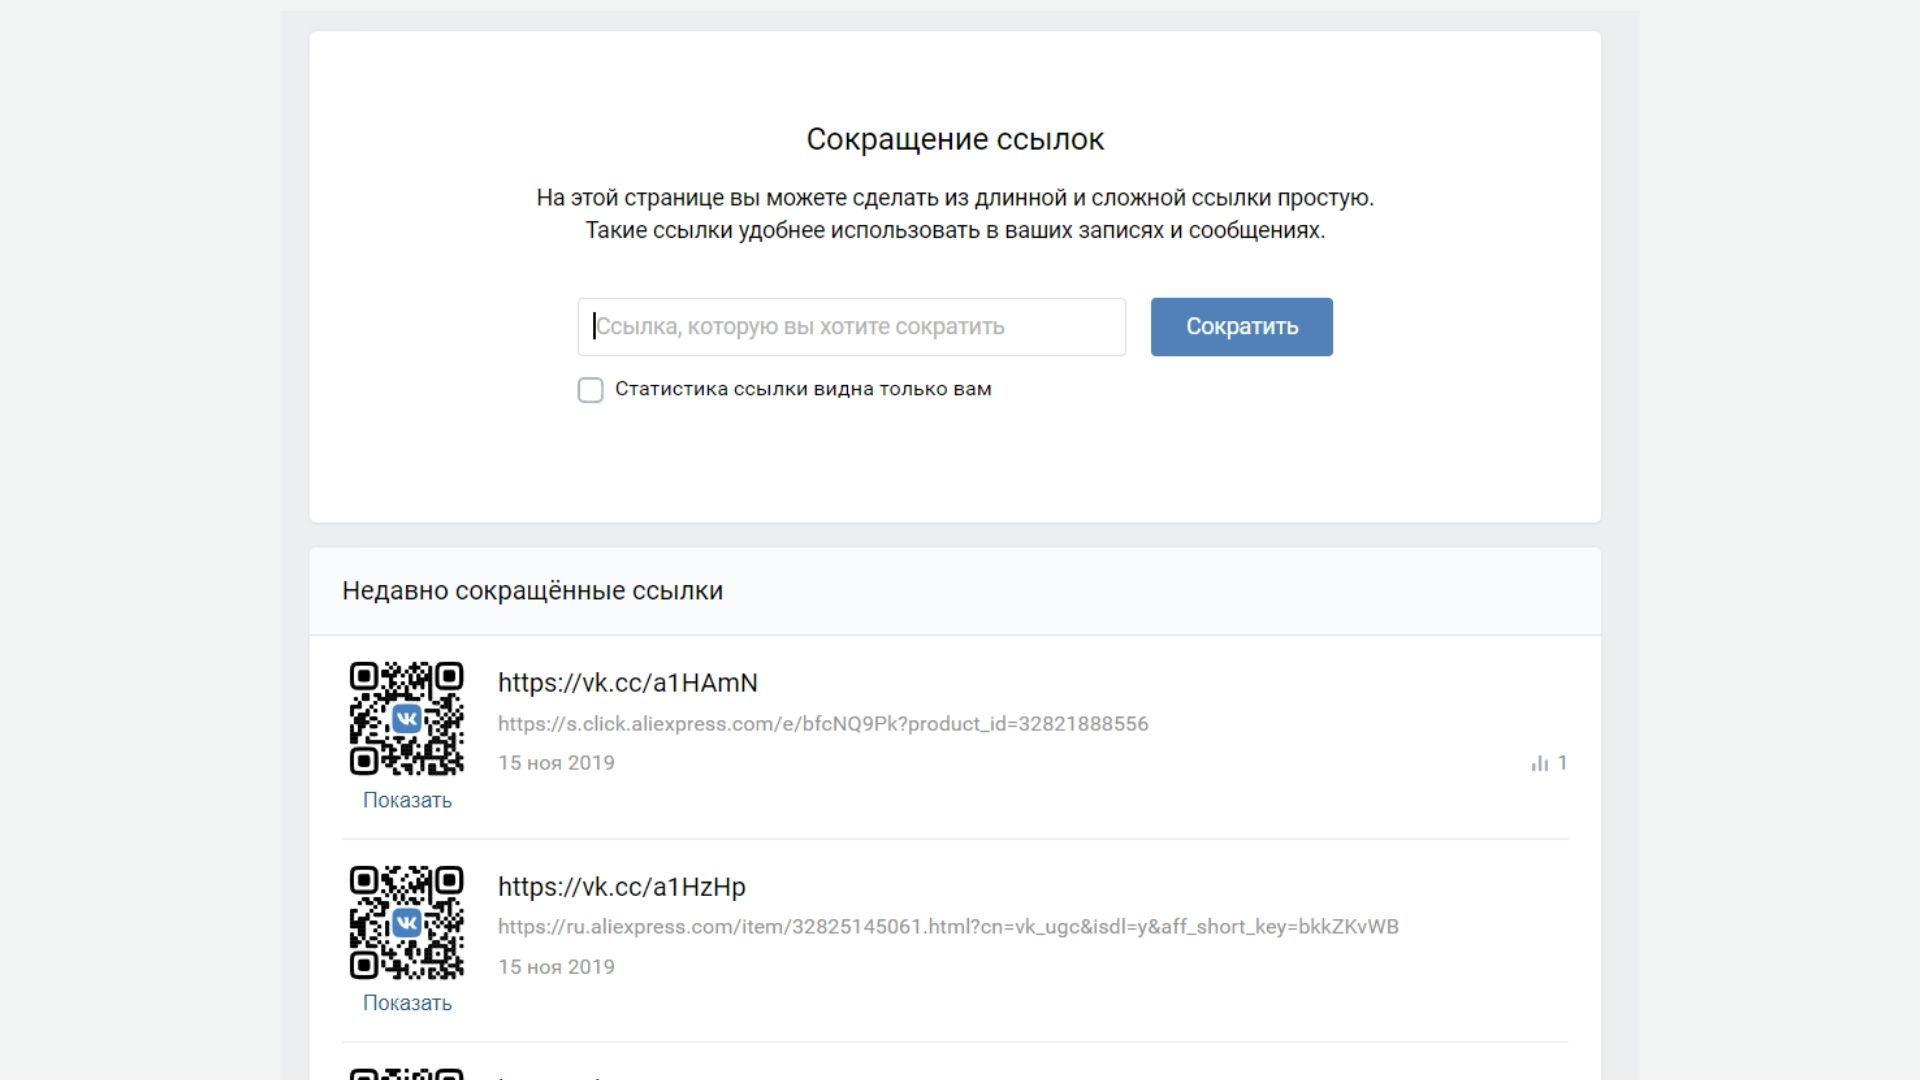 Сокращение ссылок во ВКонтакте